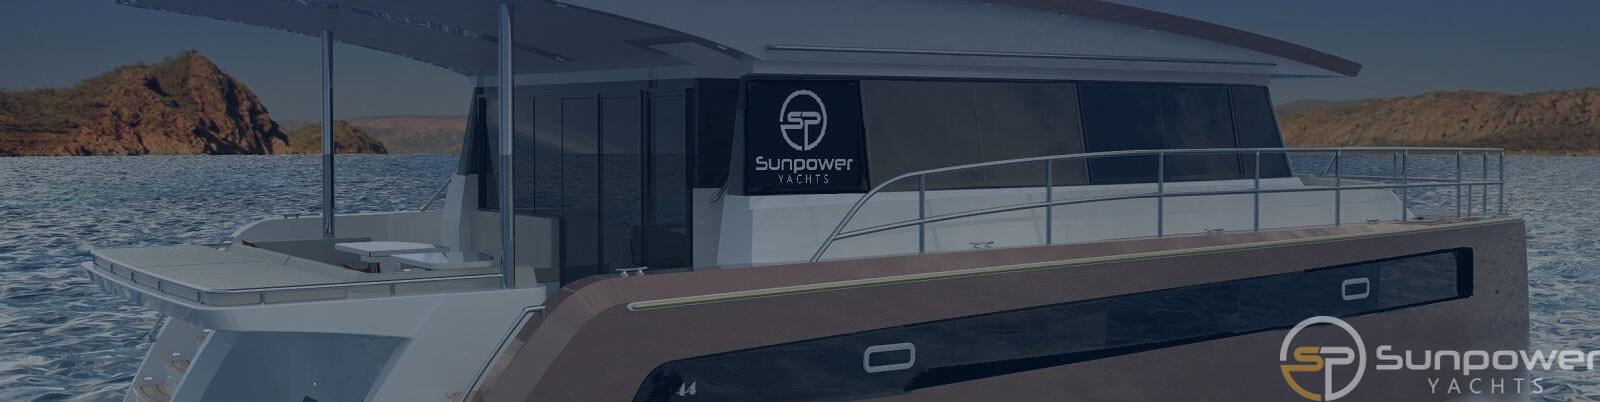 SUNPOWER VIP 44